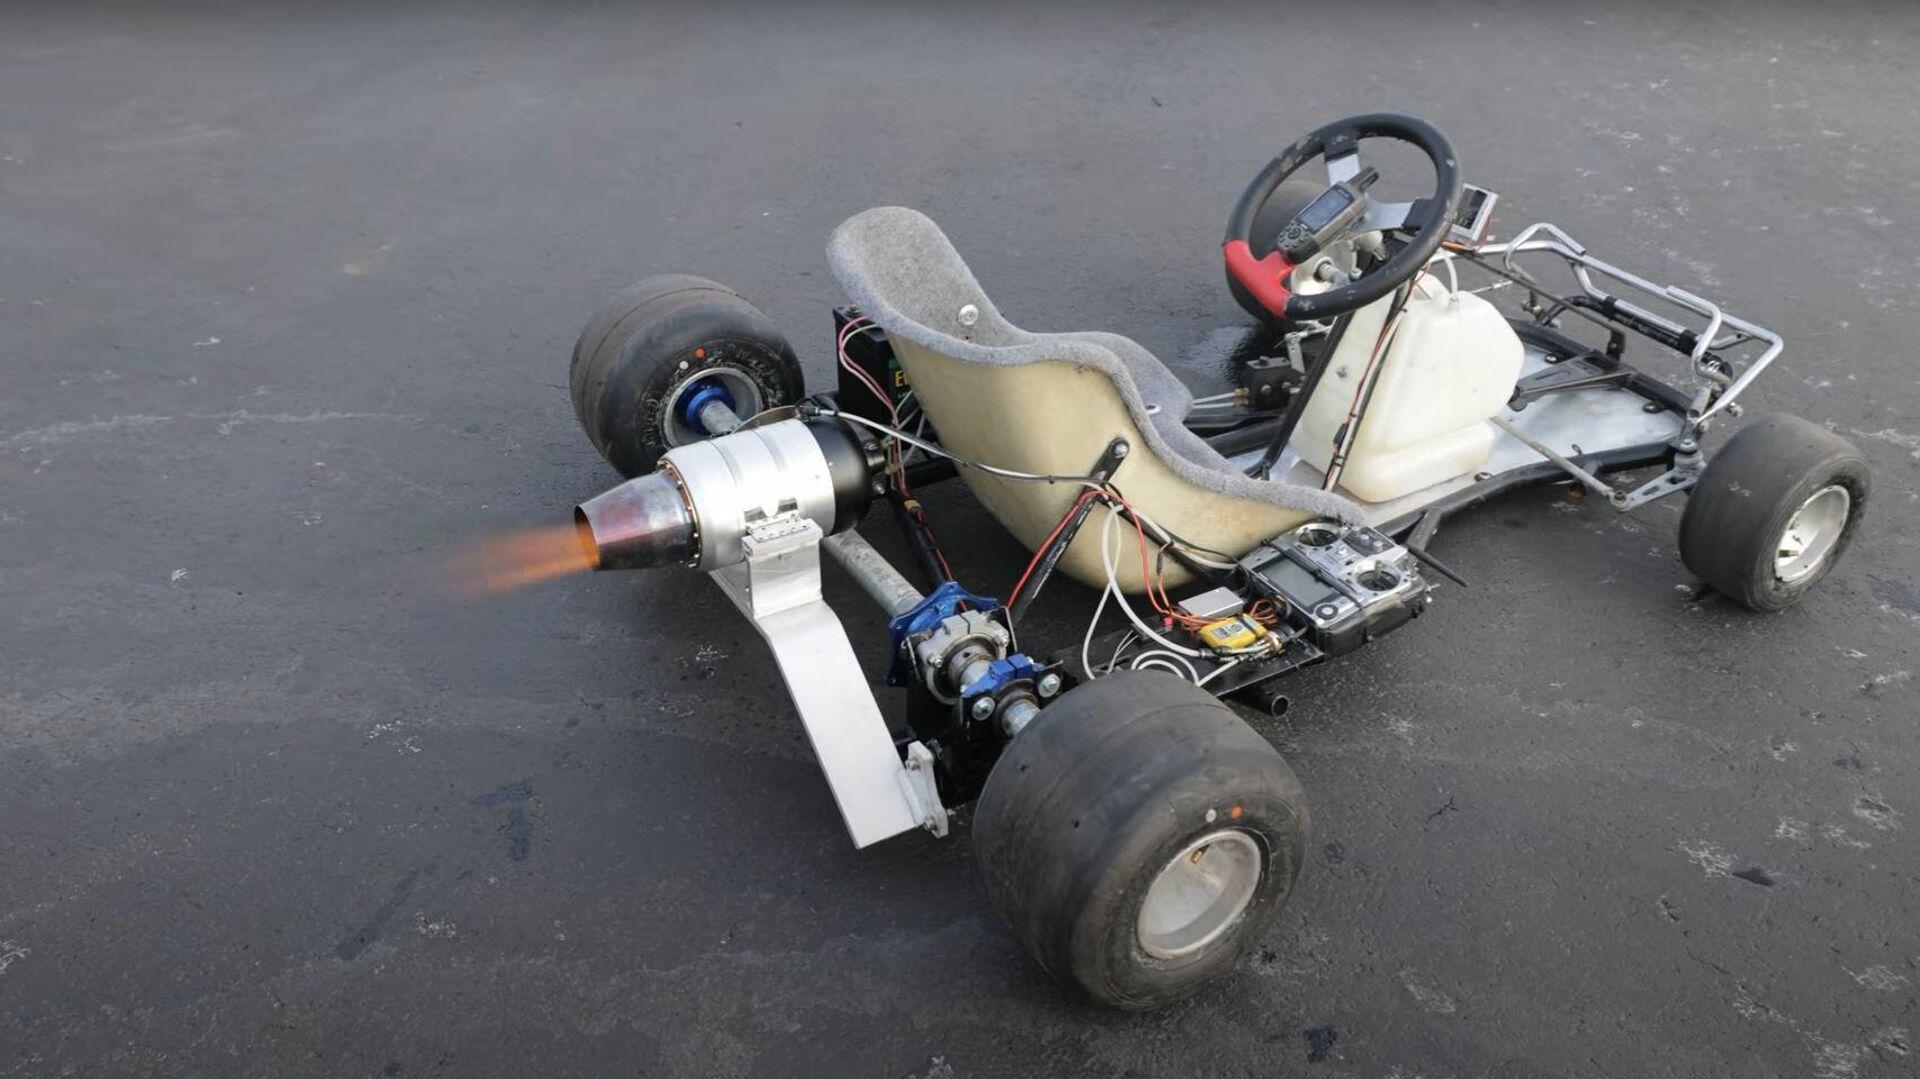 Un kart con un motor a reacción - Sputnik Mundo, 1920, 14.03.2021